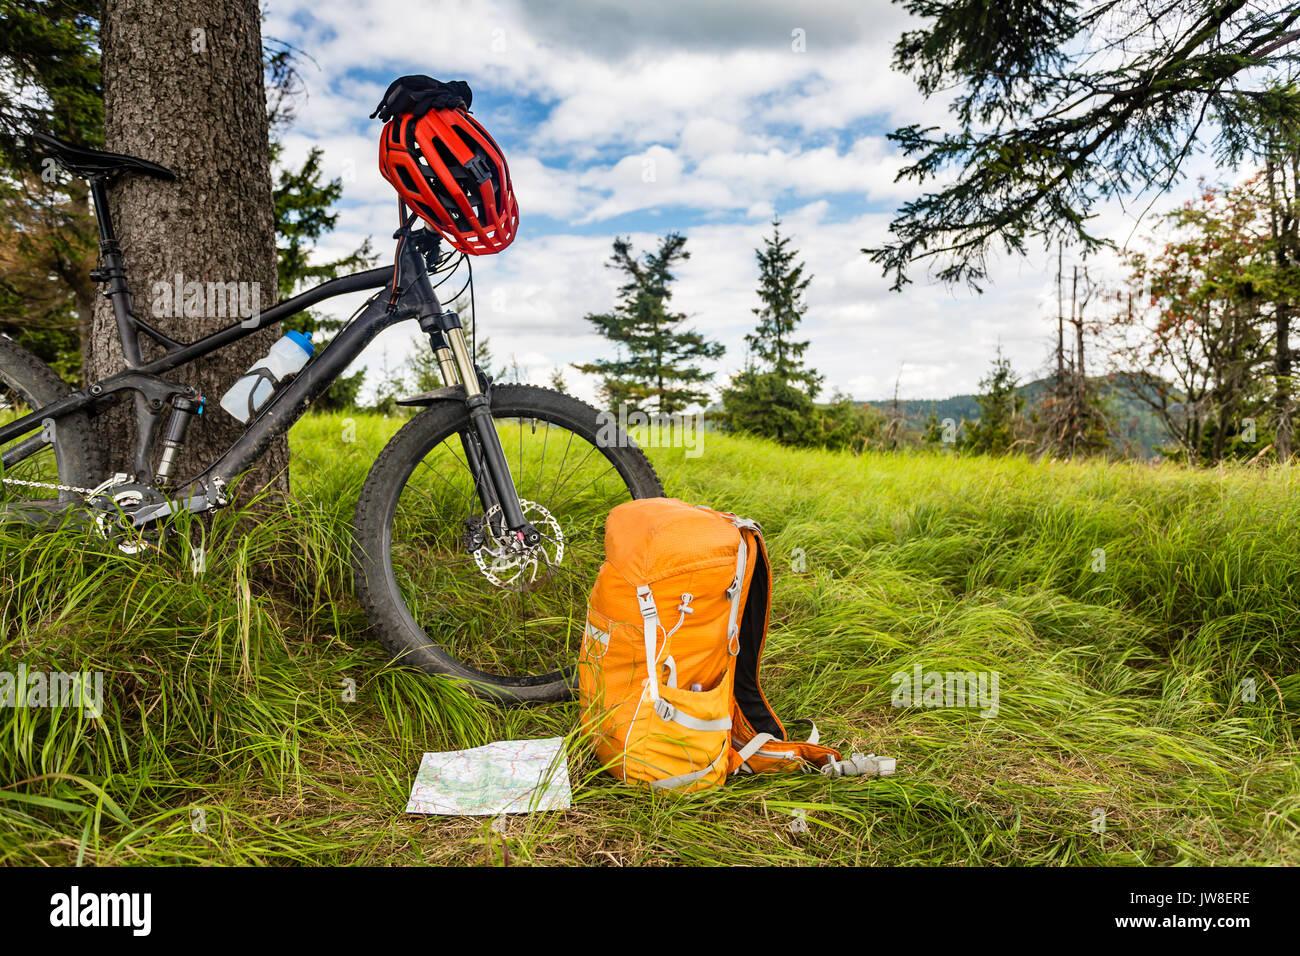 Mountain bike attrezzature nei boschi, bikepacking viaggio avventura in montagne verdi. Viaggi e campeggio ciclismo MTB con zaino, deserto fores Immagini Stock